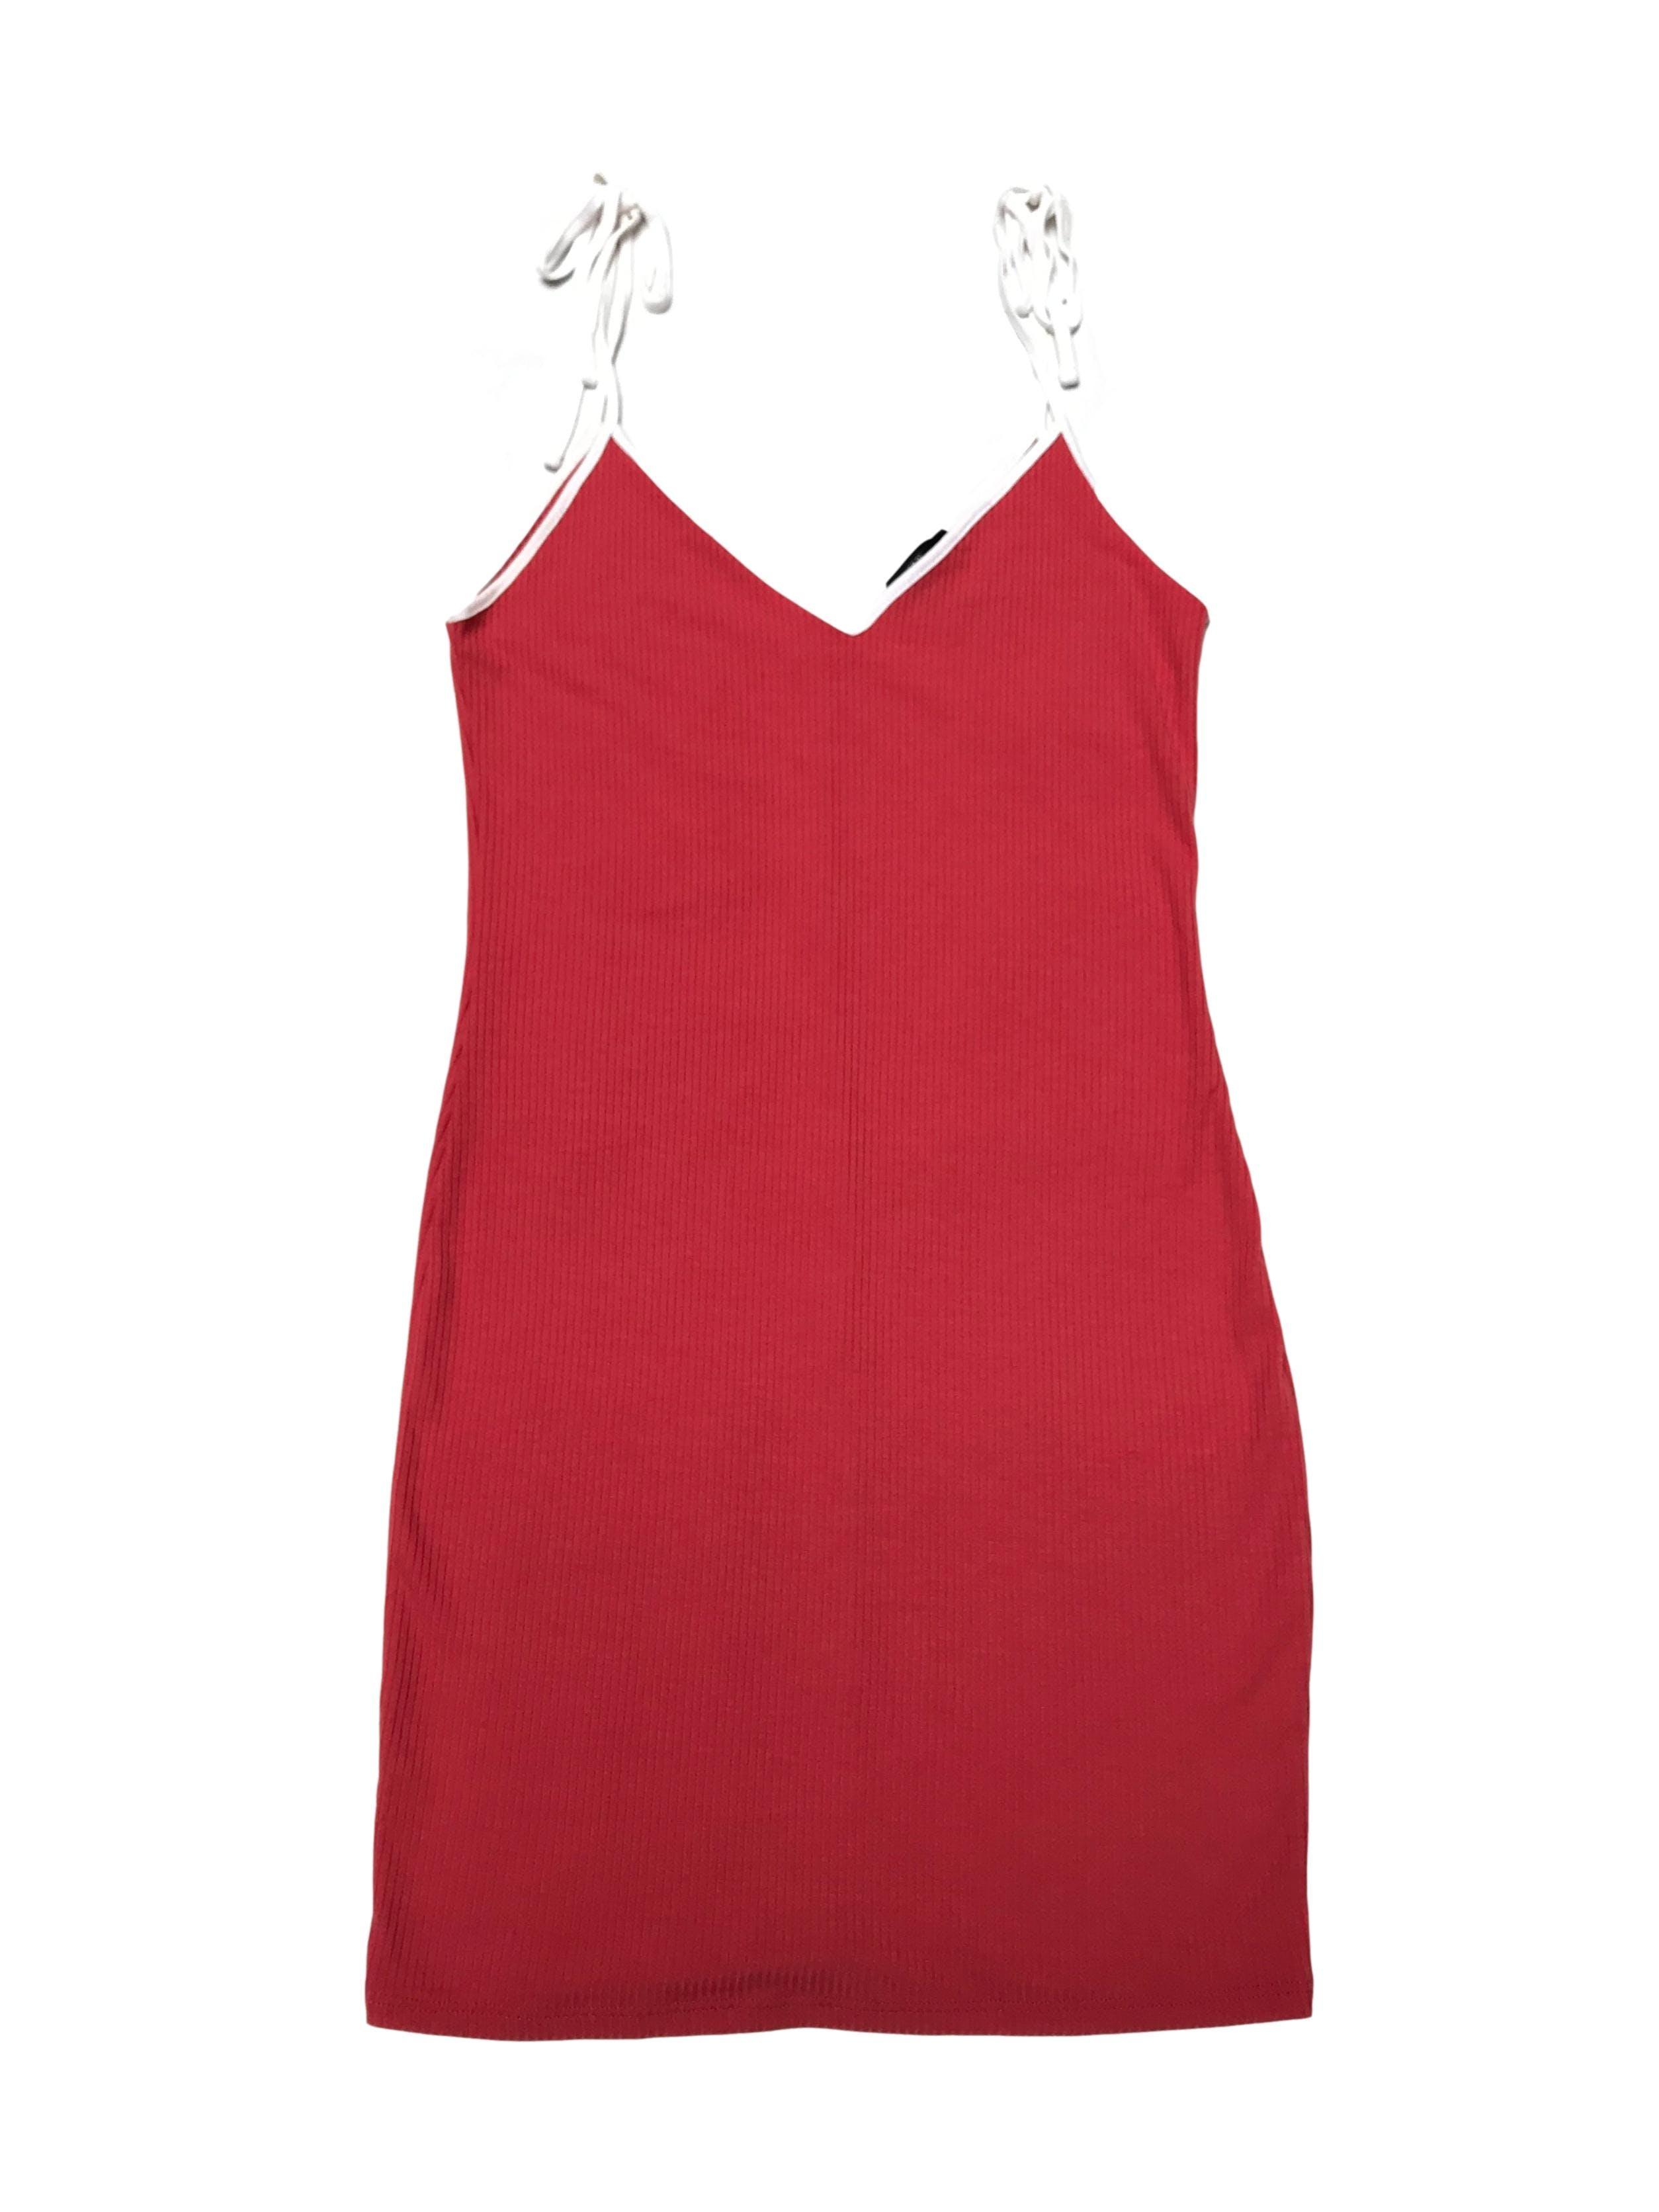 Vestido Forever21 de tela acanalada en tono ladrillo, tiritas que se amarran en los hombros. Largo desde sisa 66cm